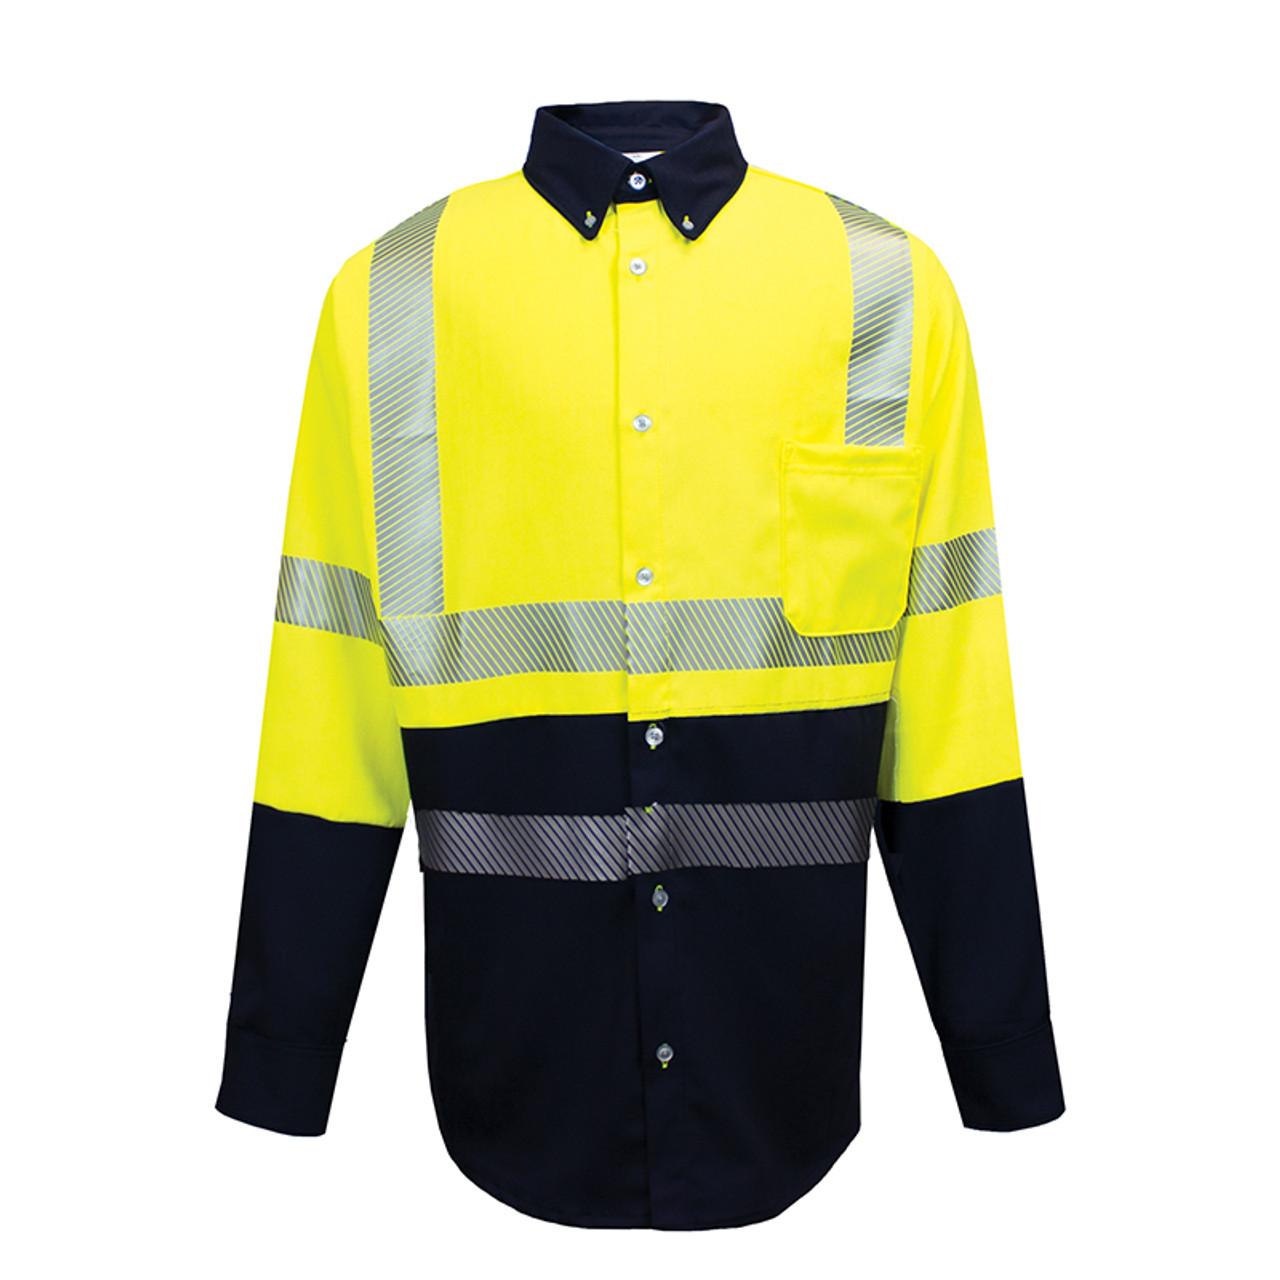 3e903ebf4b3 NSA FR Class 3 Hi Vis Hybrid Button Down Dual Hazard Work Shirt ...